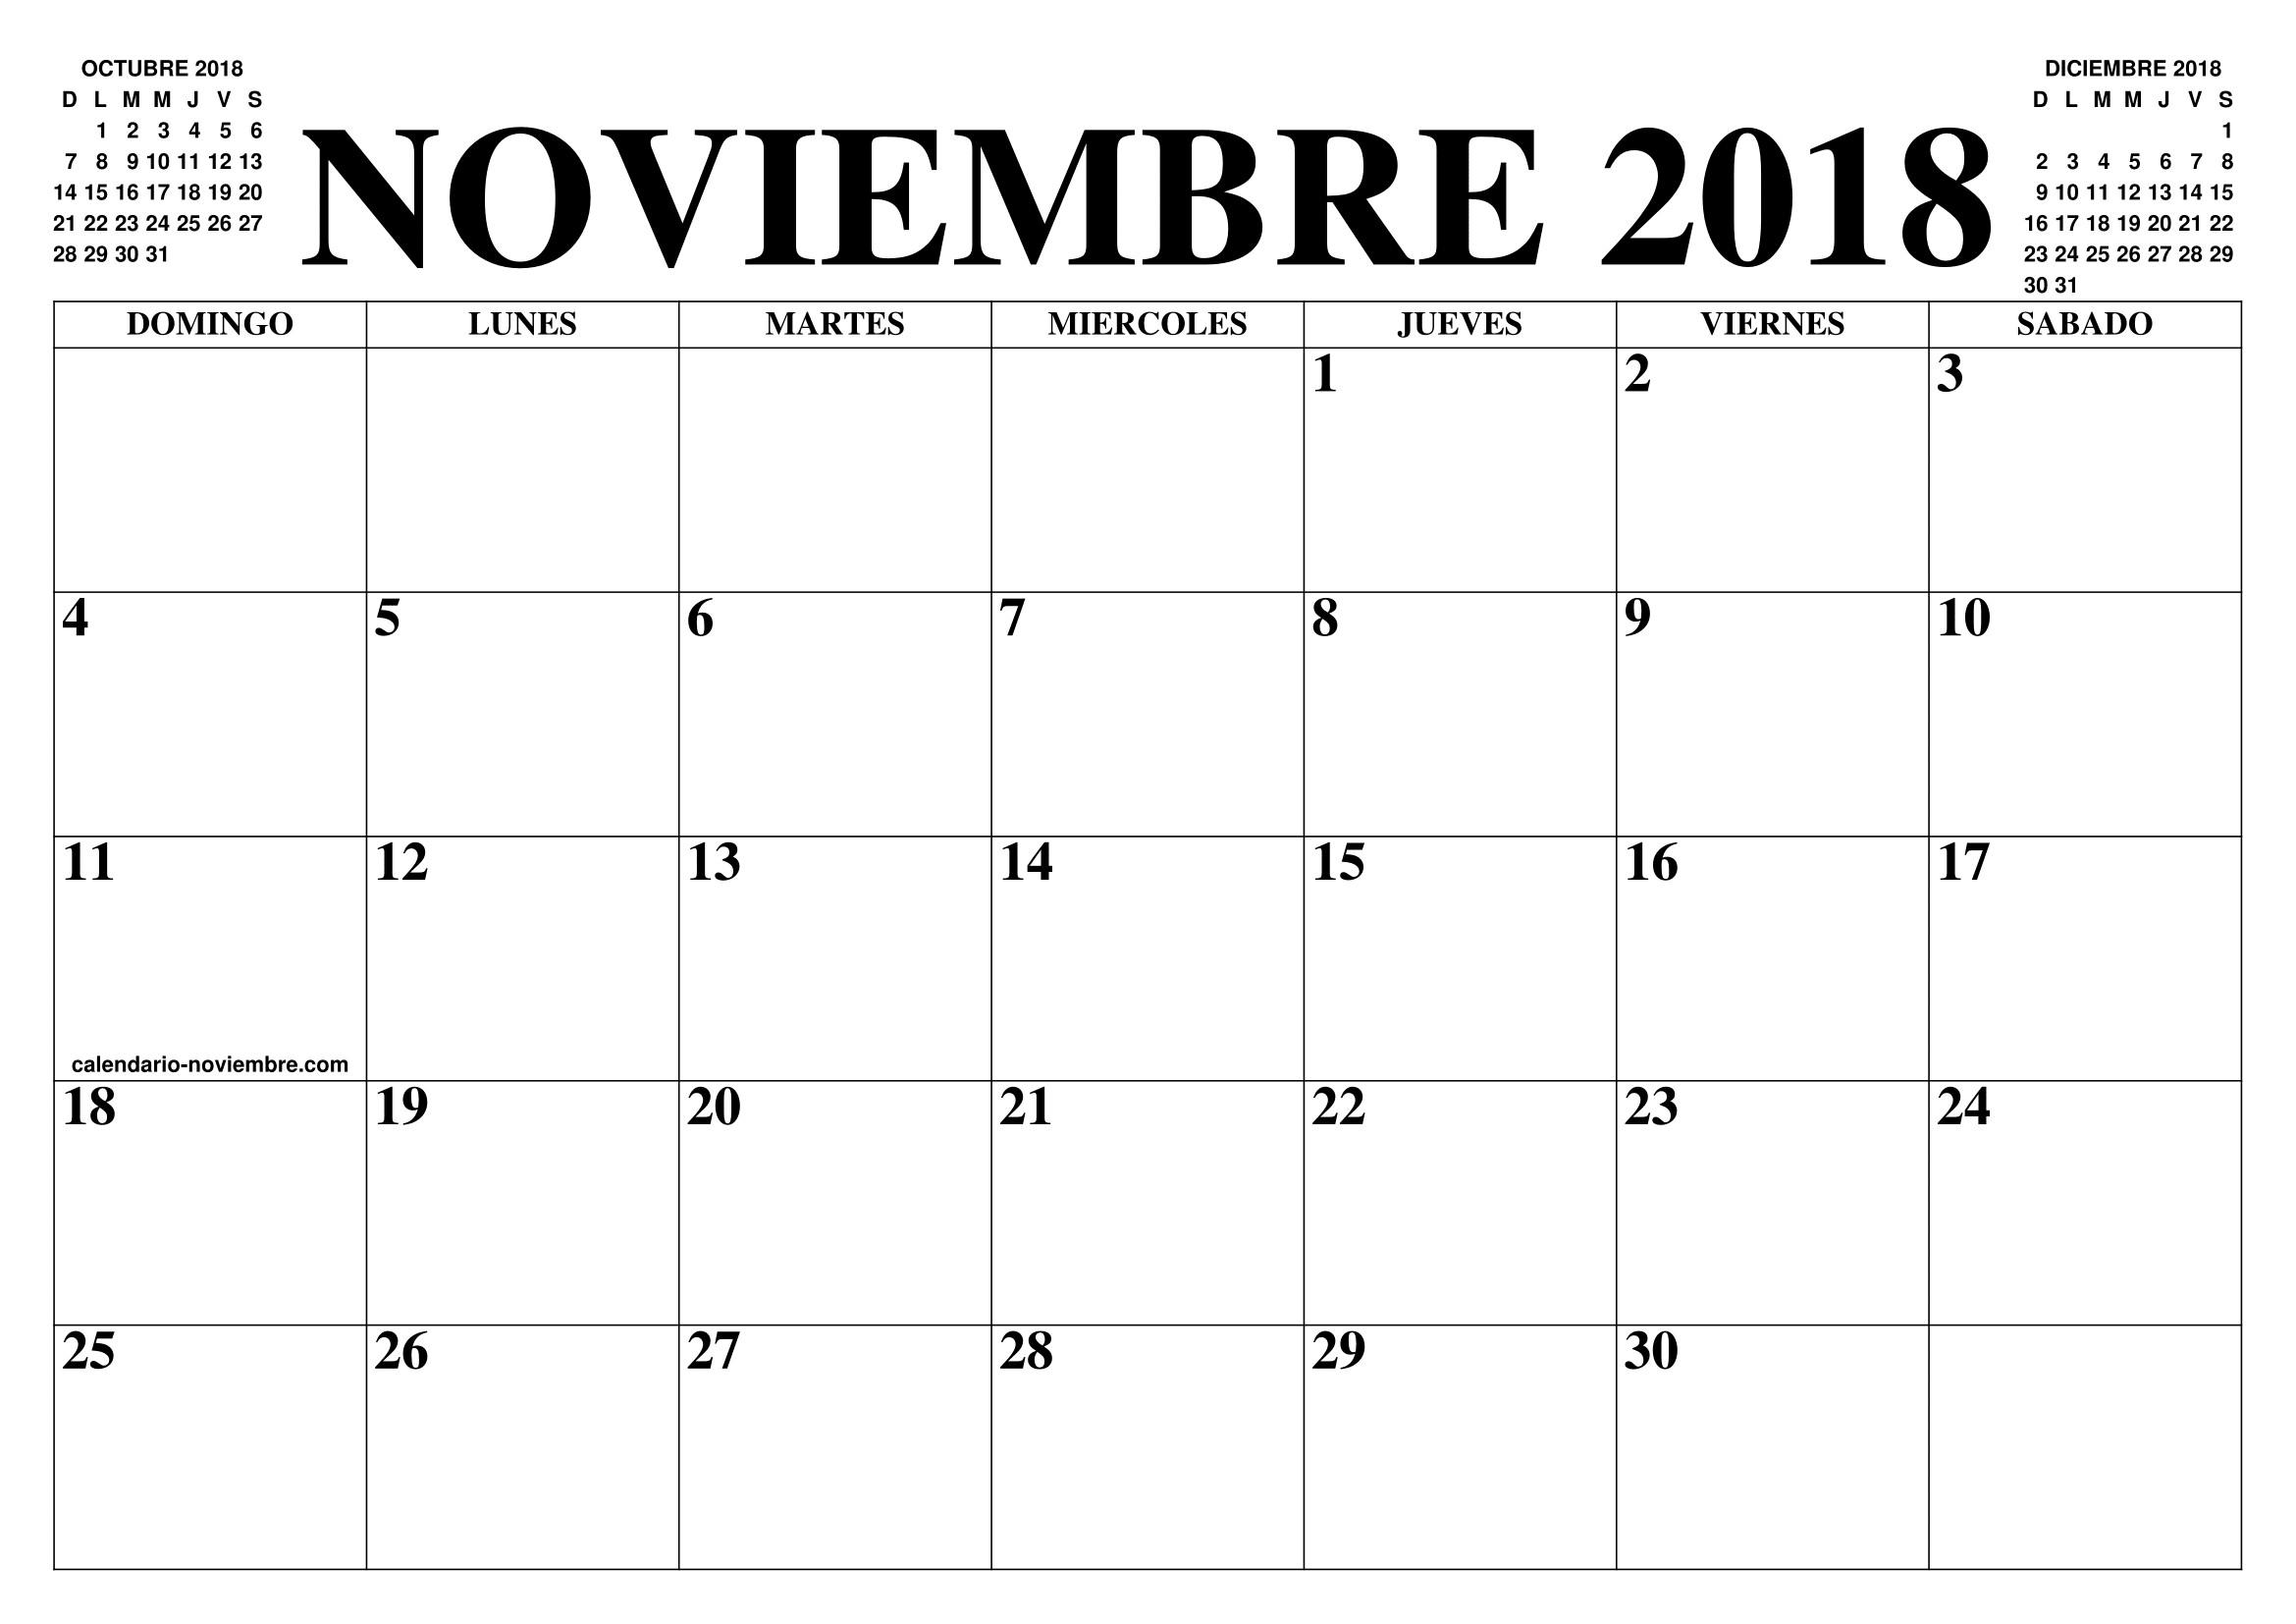 Imprimir Calendario De Octubre 2019 Más Actual Best Calendario Mes De Octubre Y Noviembre 2018 Image Collection Of Imprimir Calendario De Octubre 2019 Recientes Estos son Por Magaly Luis De solano Descarga En Pdf El Cancionero